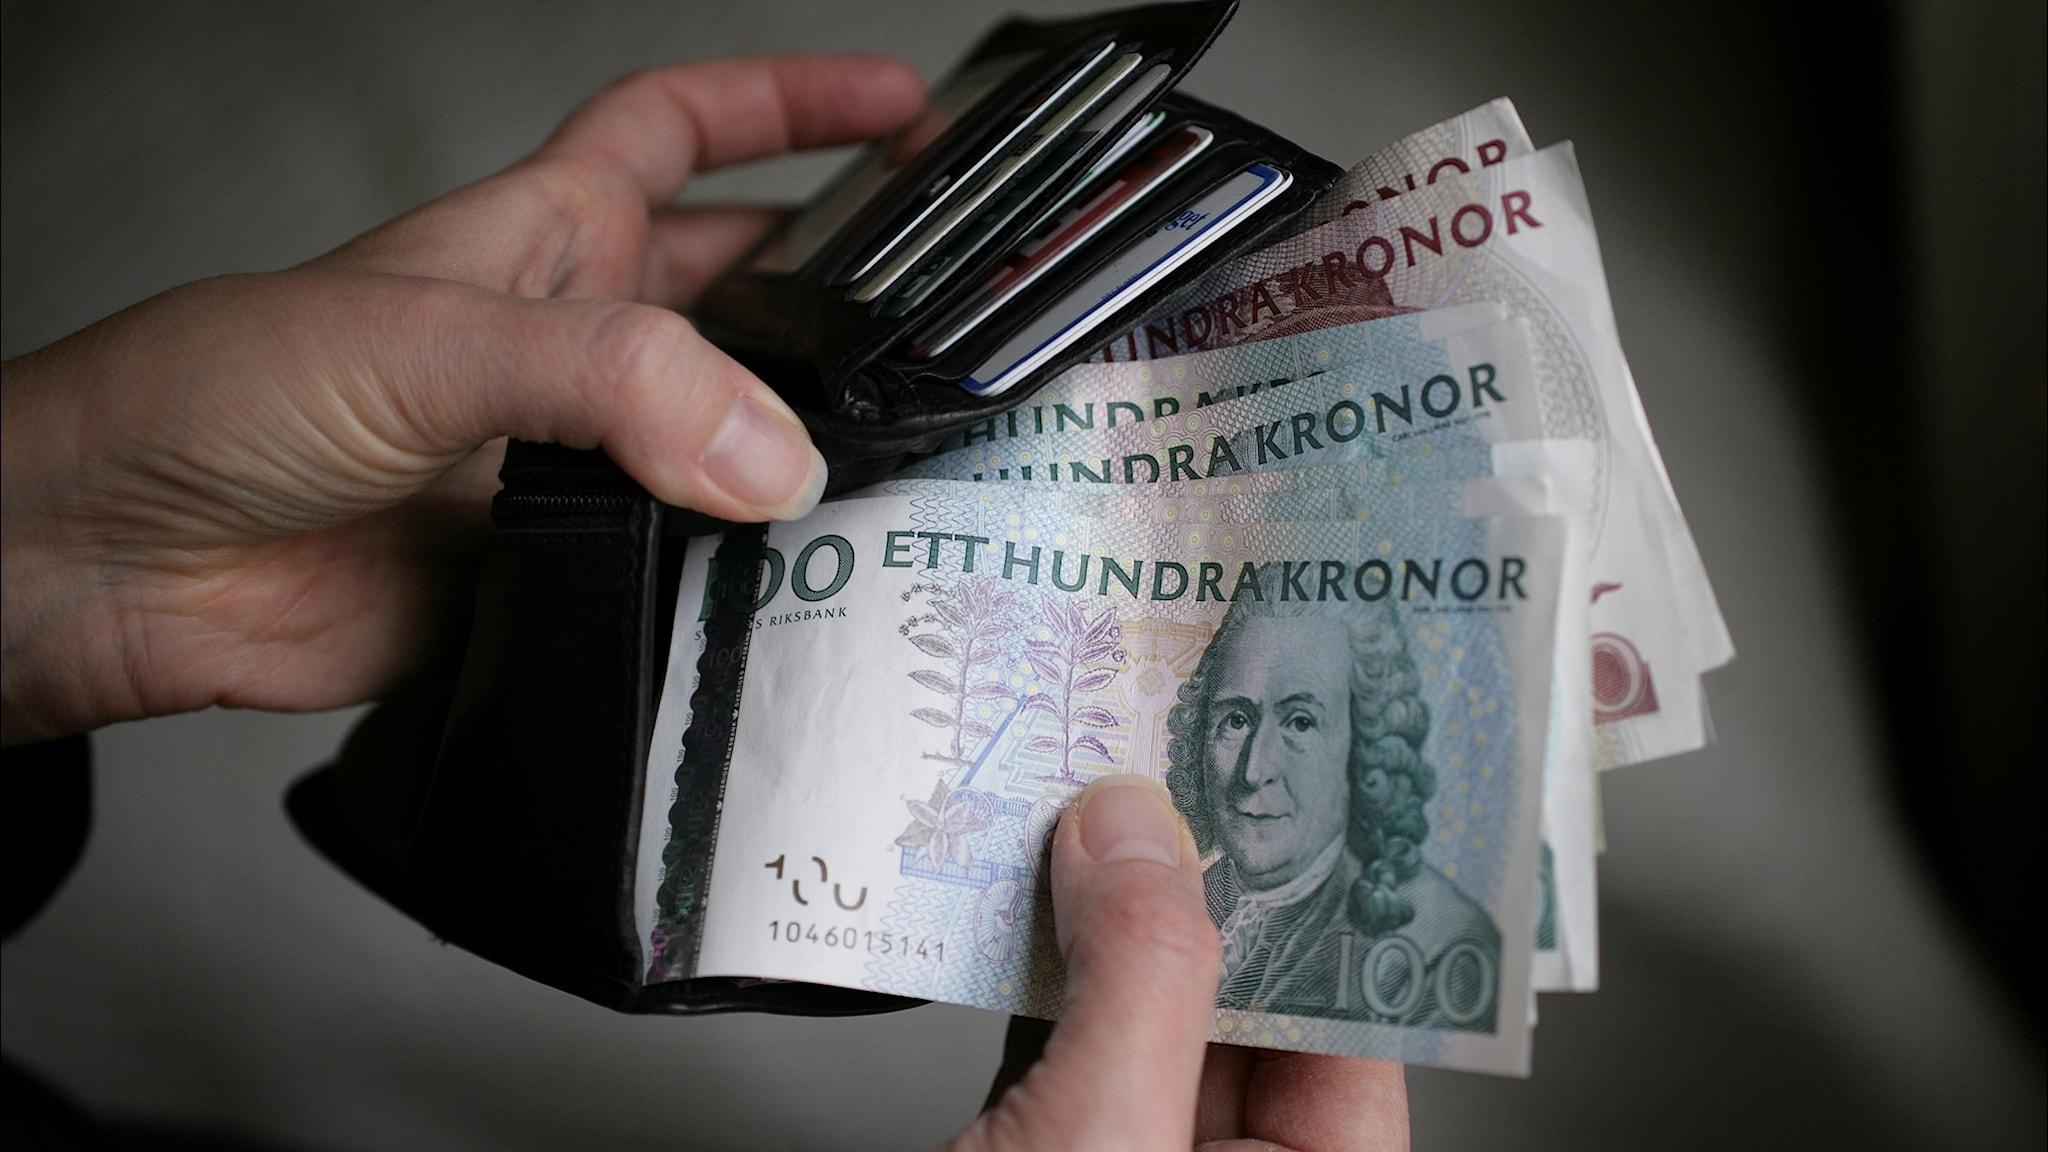 Polîsan heta niha êri?karên Malmö negirtine. Yê dixwaze dikare heta dawiya mehê sedkronî û pêncsedkroniyên kevin li bankê vegerîne.